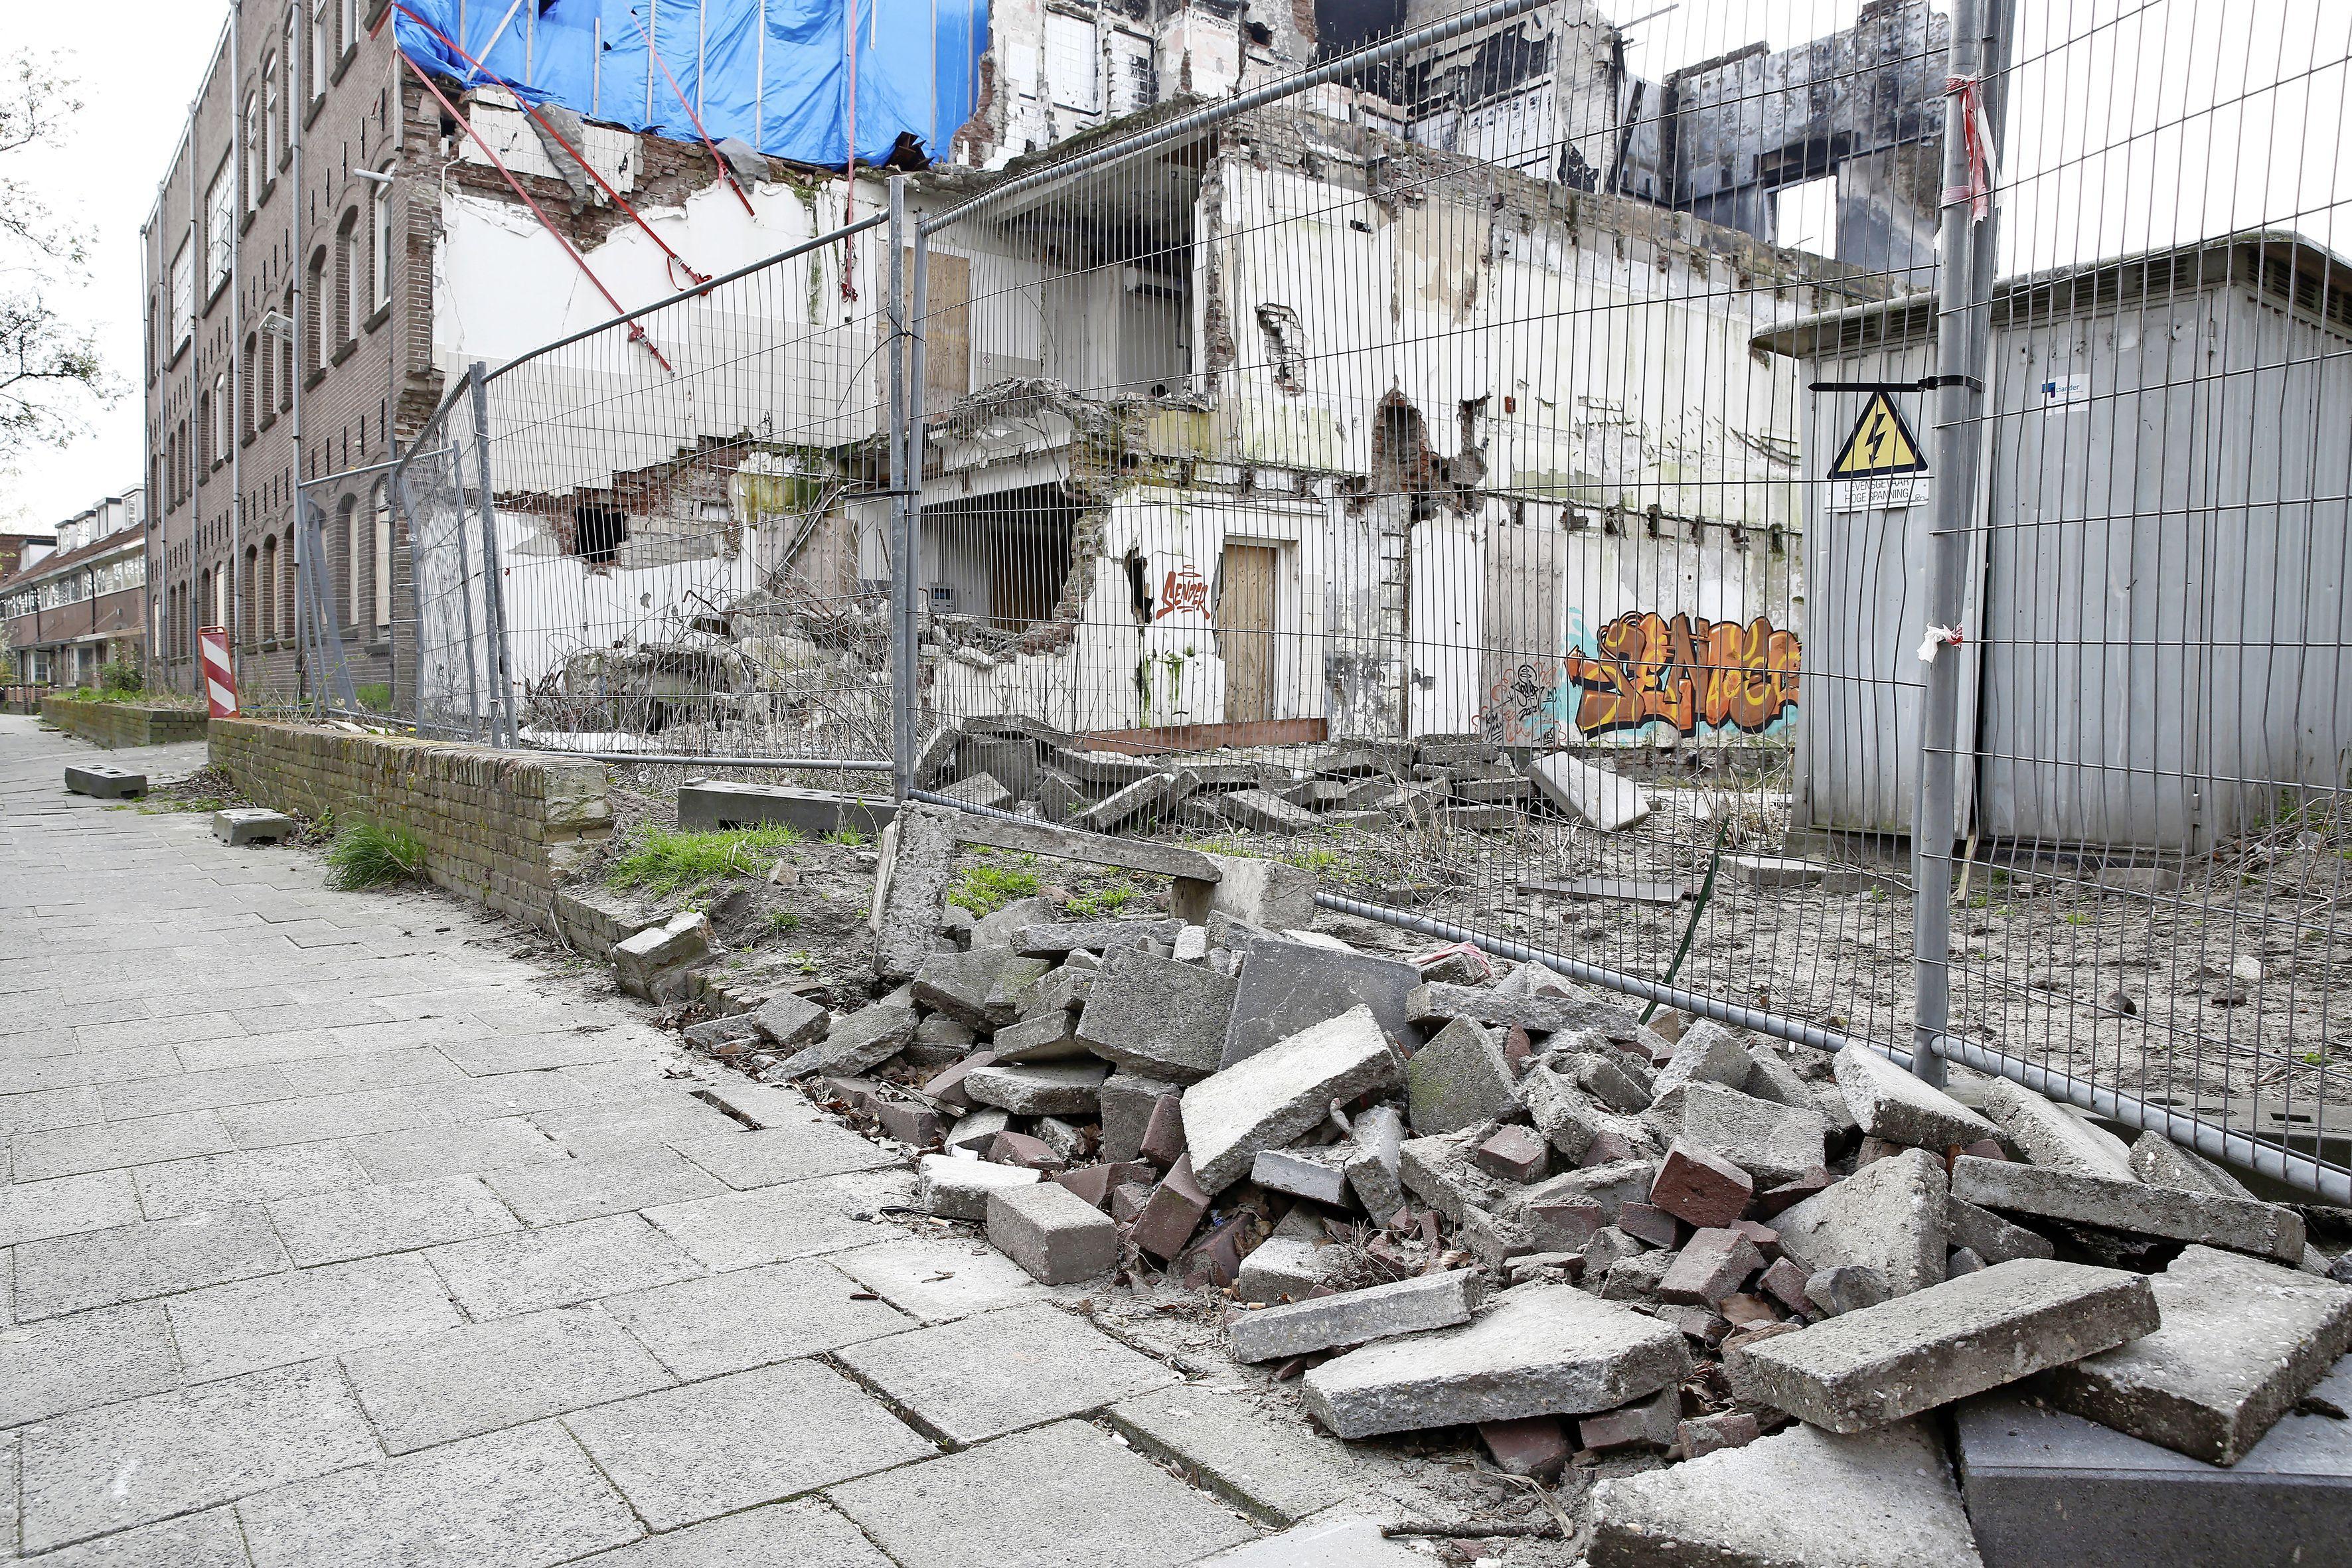 'Resten van een jaar geleden afgebrande sigarenfabriek liggen gewoon op de stoep en de straat.' Hilversummer Arjan Rietveld stoort zich aan de troep